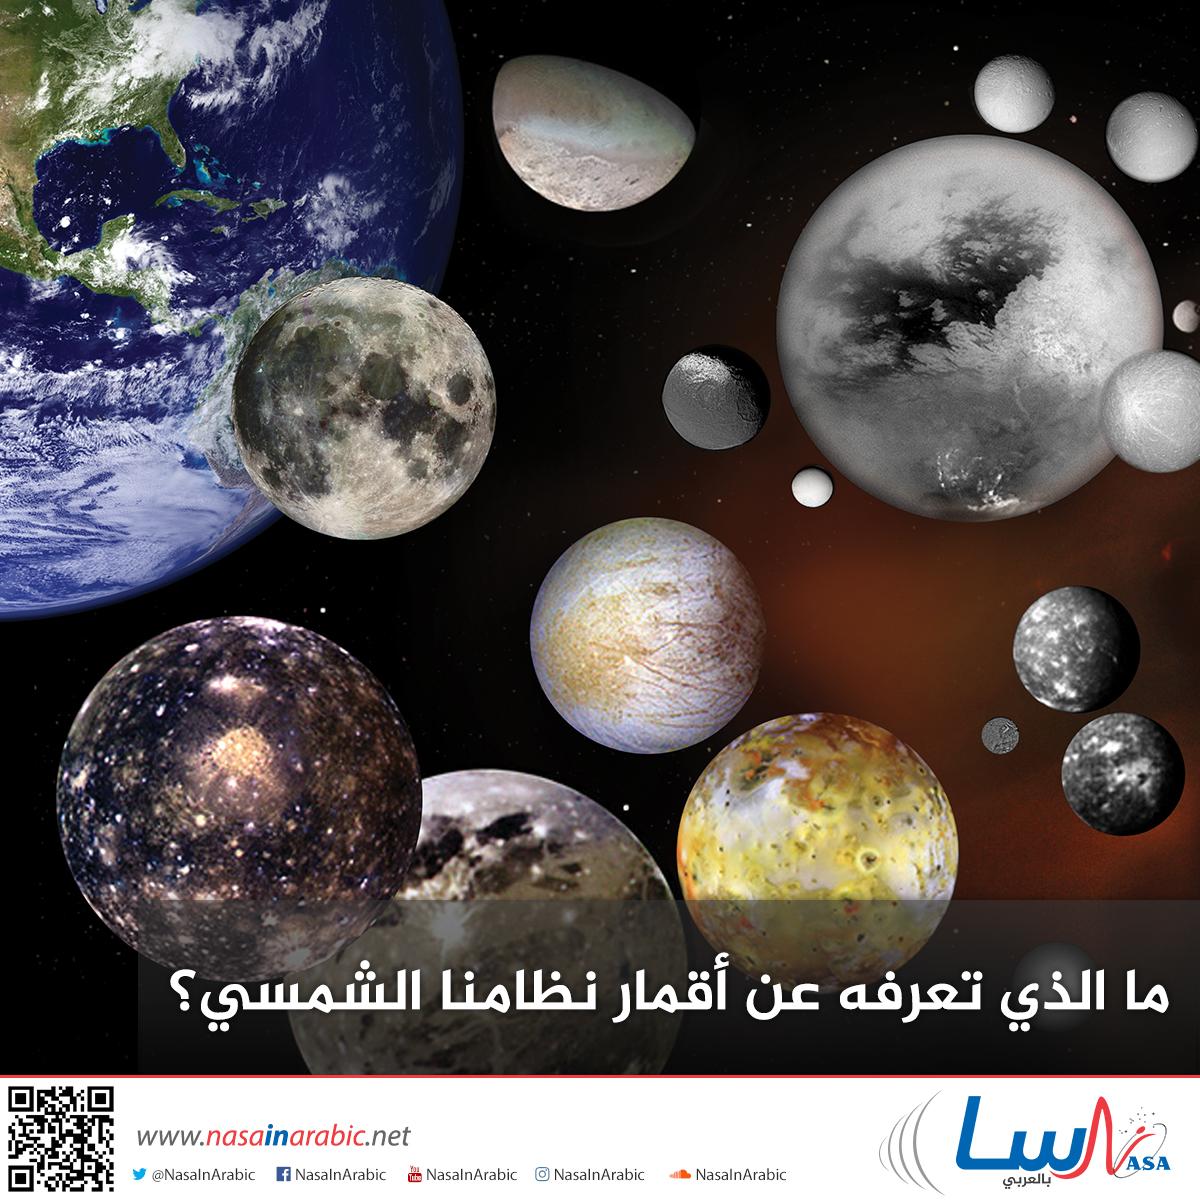 ما الذي تعرفه عن أقمار نظامنا الشمسي؟